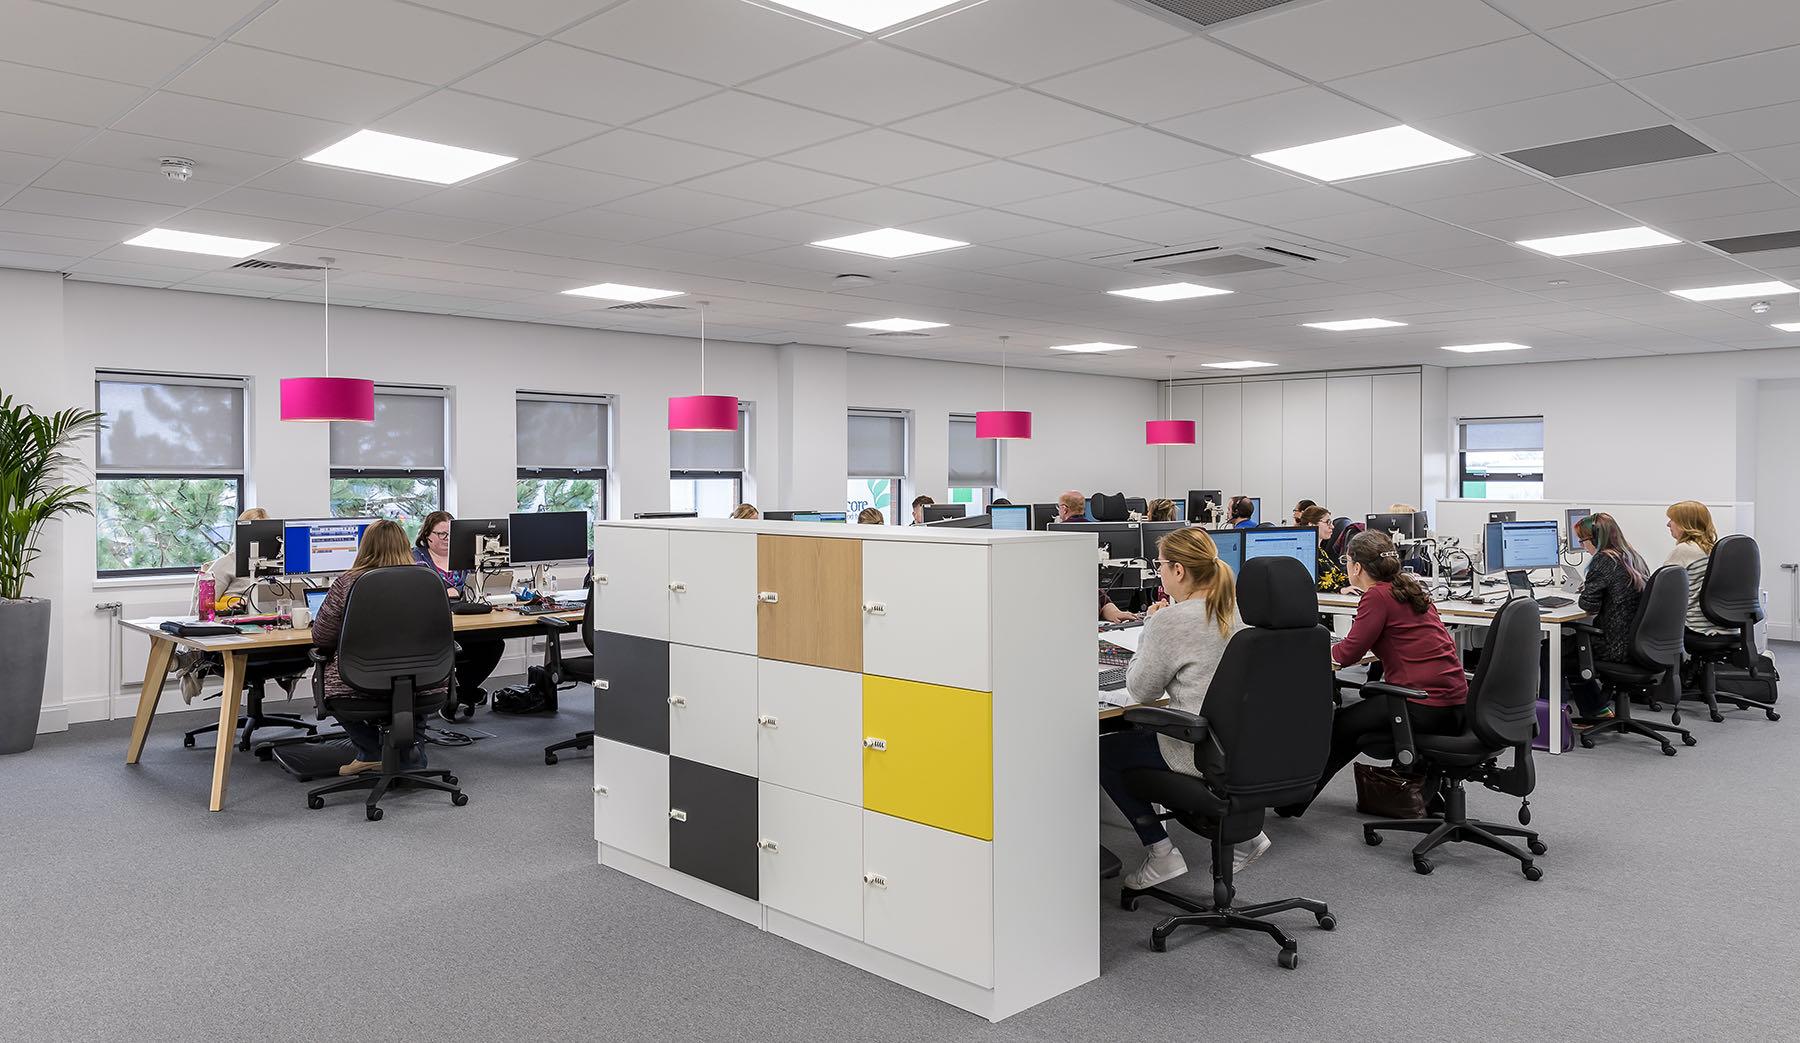 mnd-association-office-7